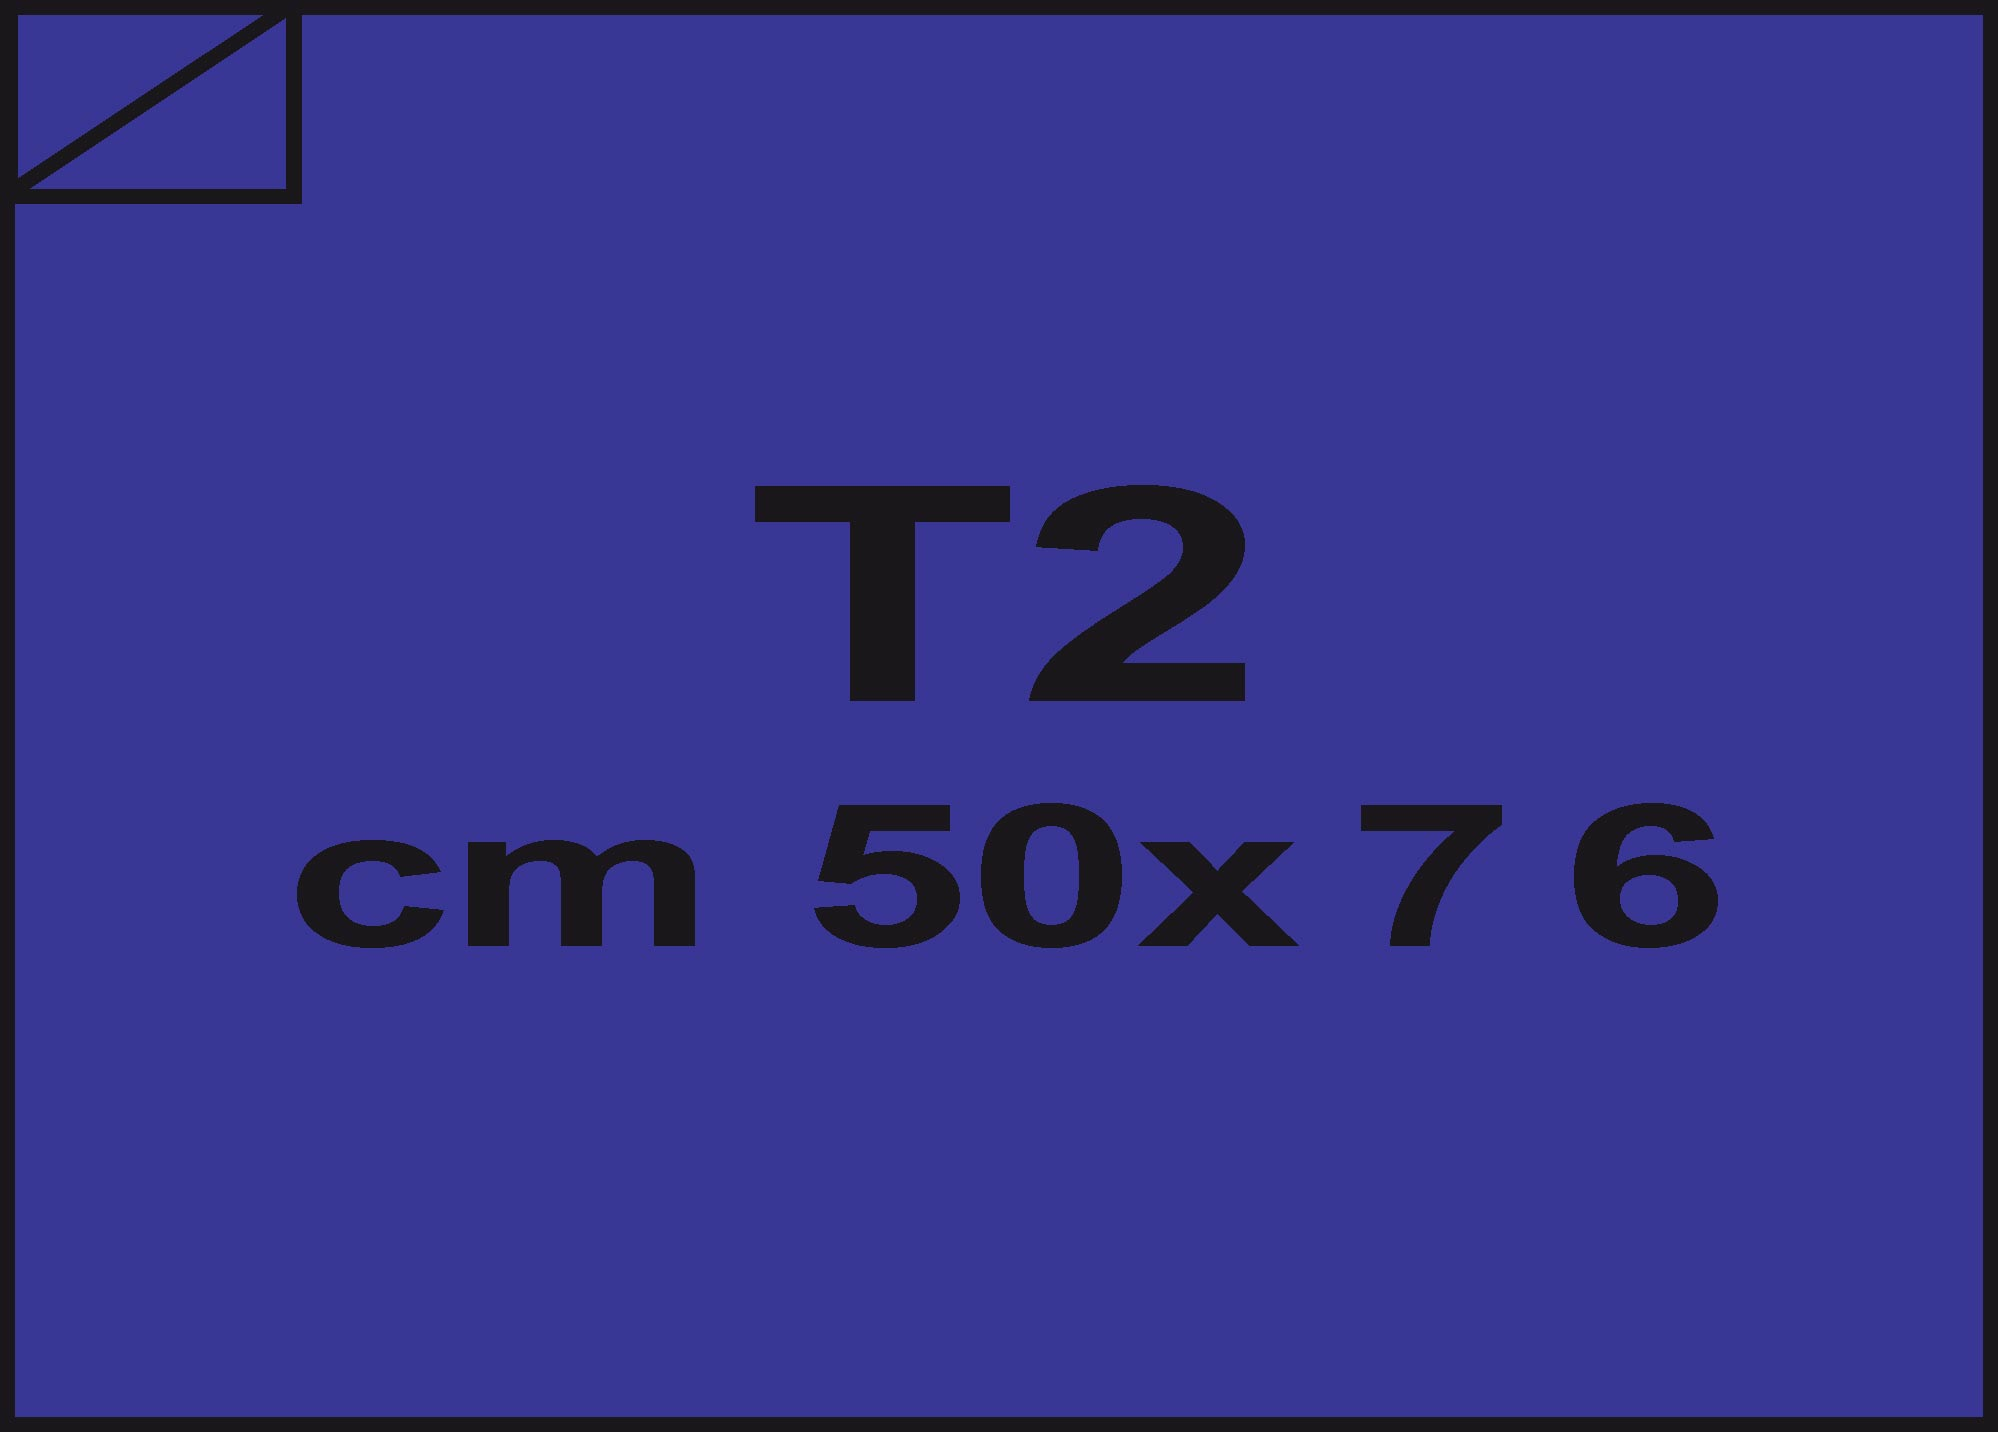 carta Carta velina Blu 56, formato T2 (50x76cm), 18grammi x mq.